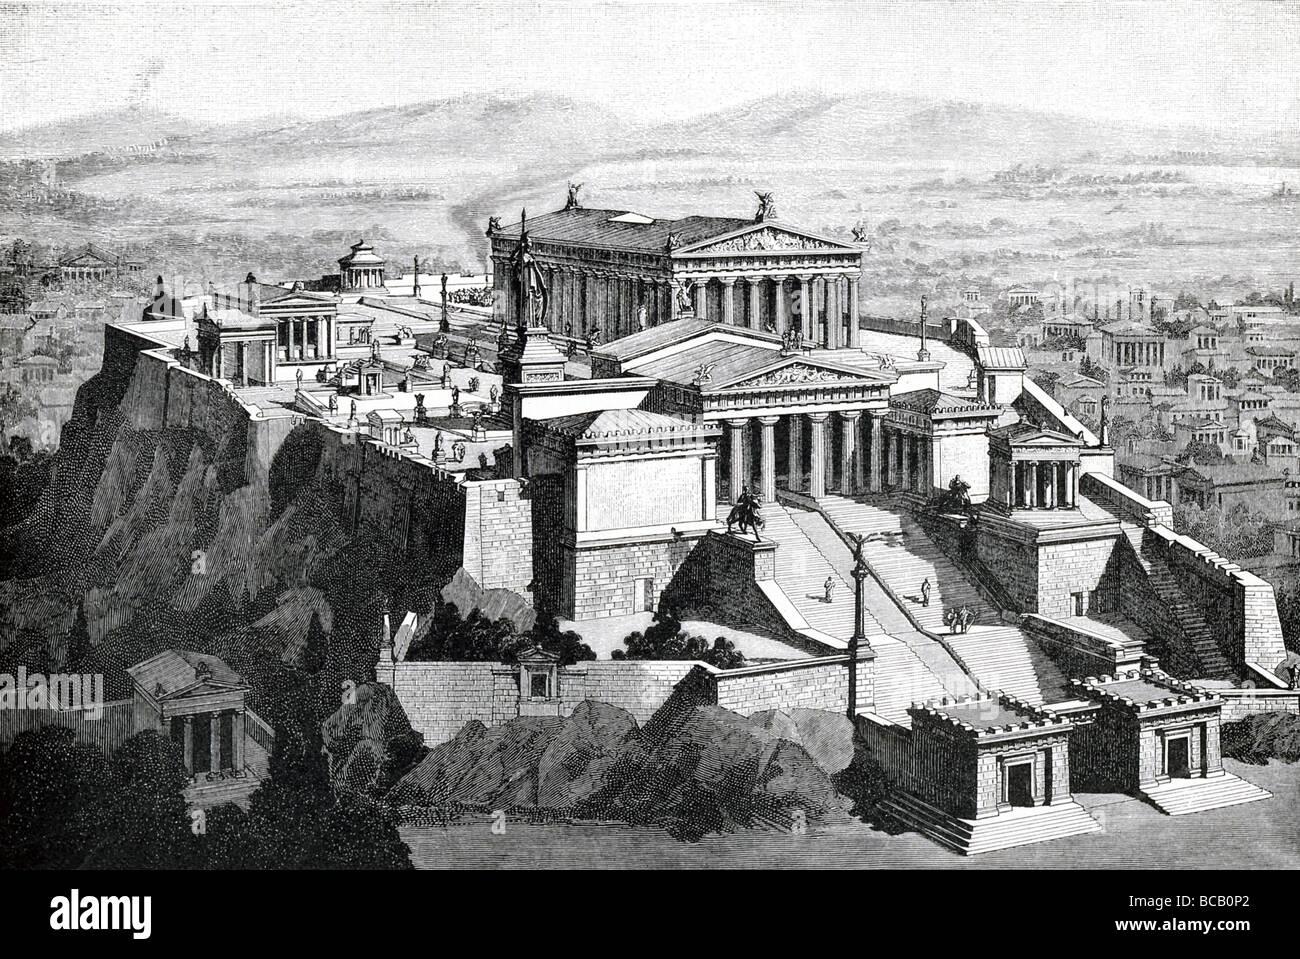 L'Acropoli di Atene, Grecia, come appariva in tempi antichi, con il Partenone e altri edifici relgiious Immagini Stock